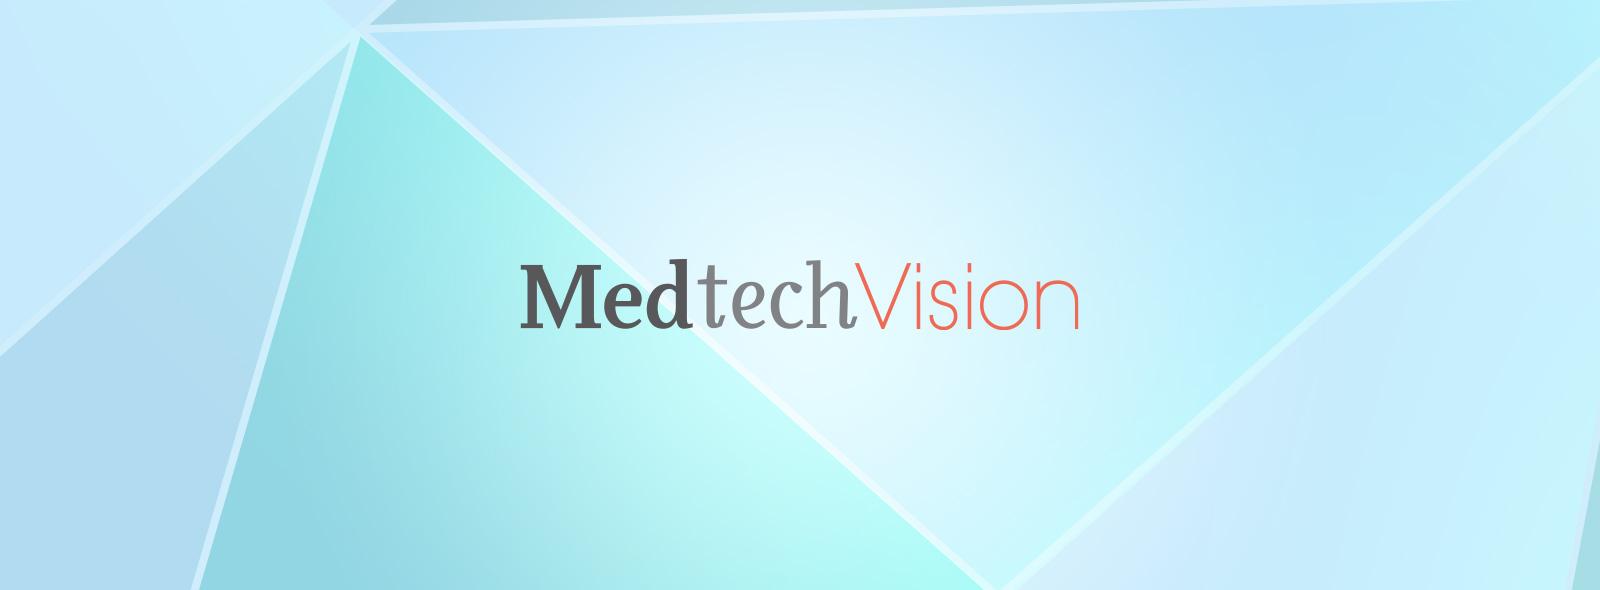 Medtech Vision Website Header